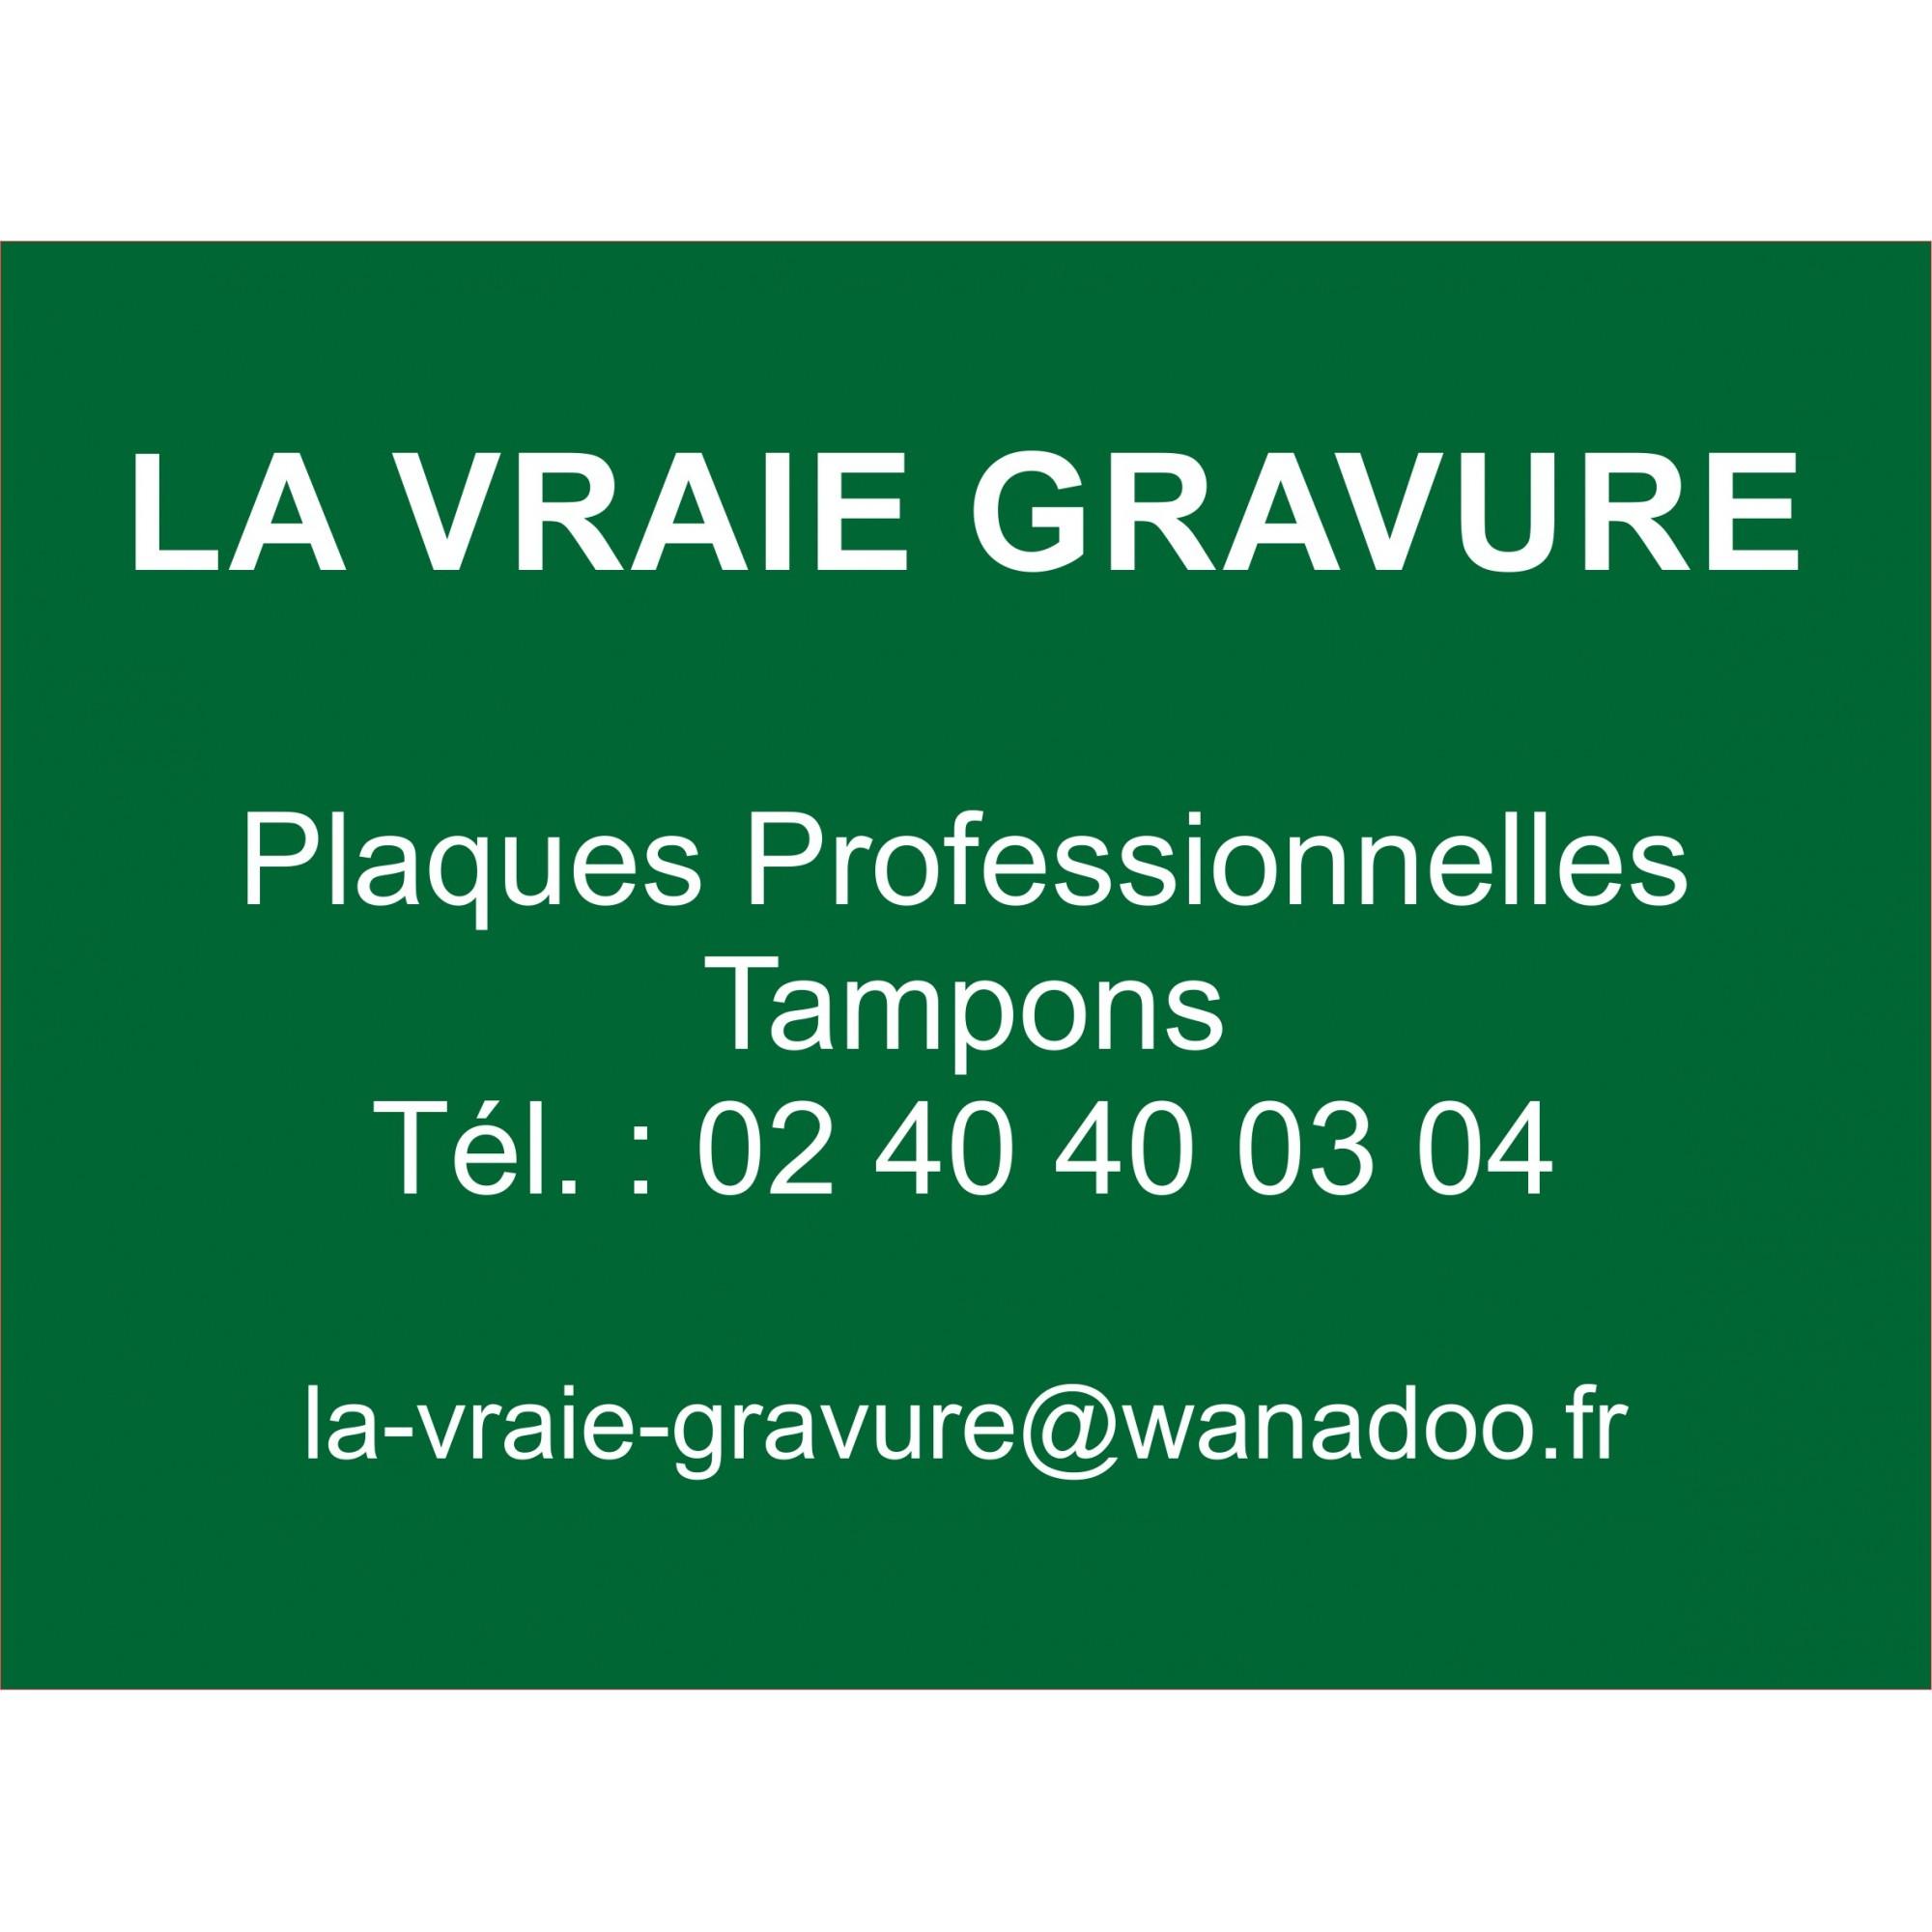 PLAQUE PLEXI GRAVEE 30x25 CM COULEUR